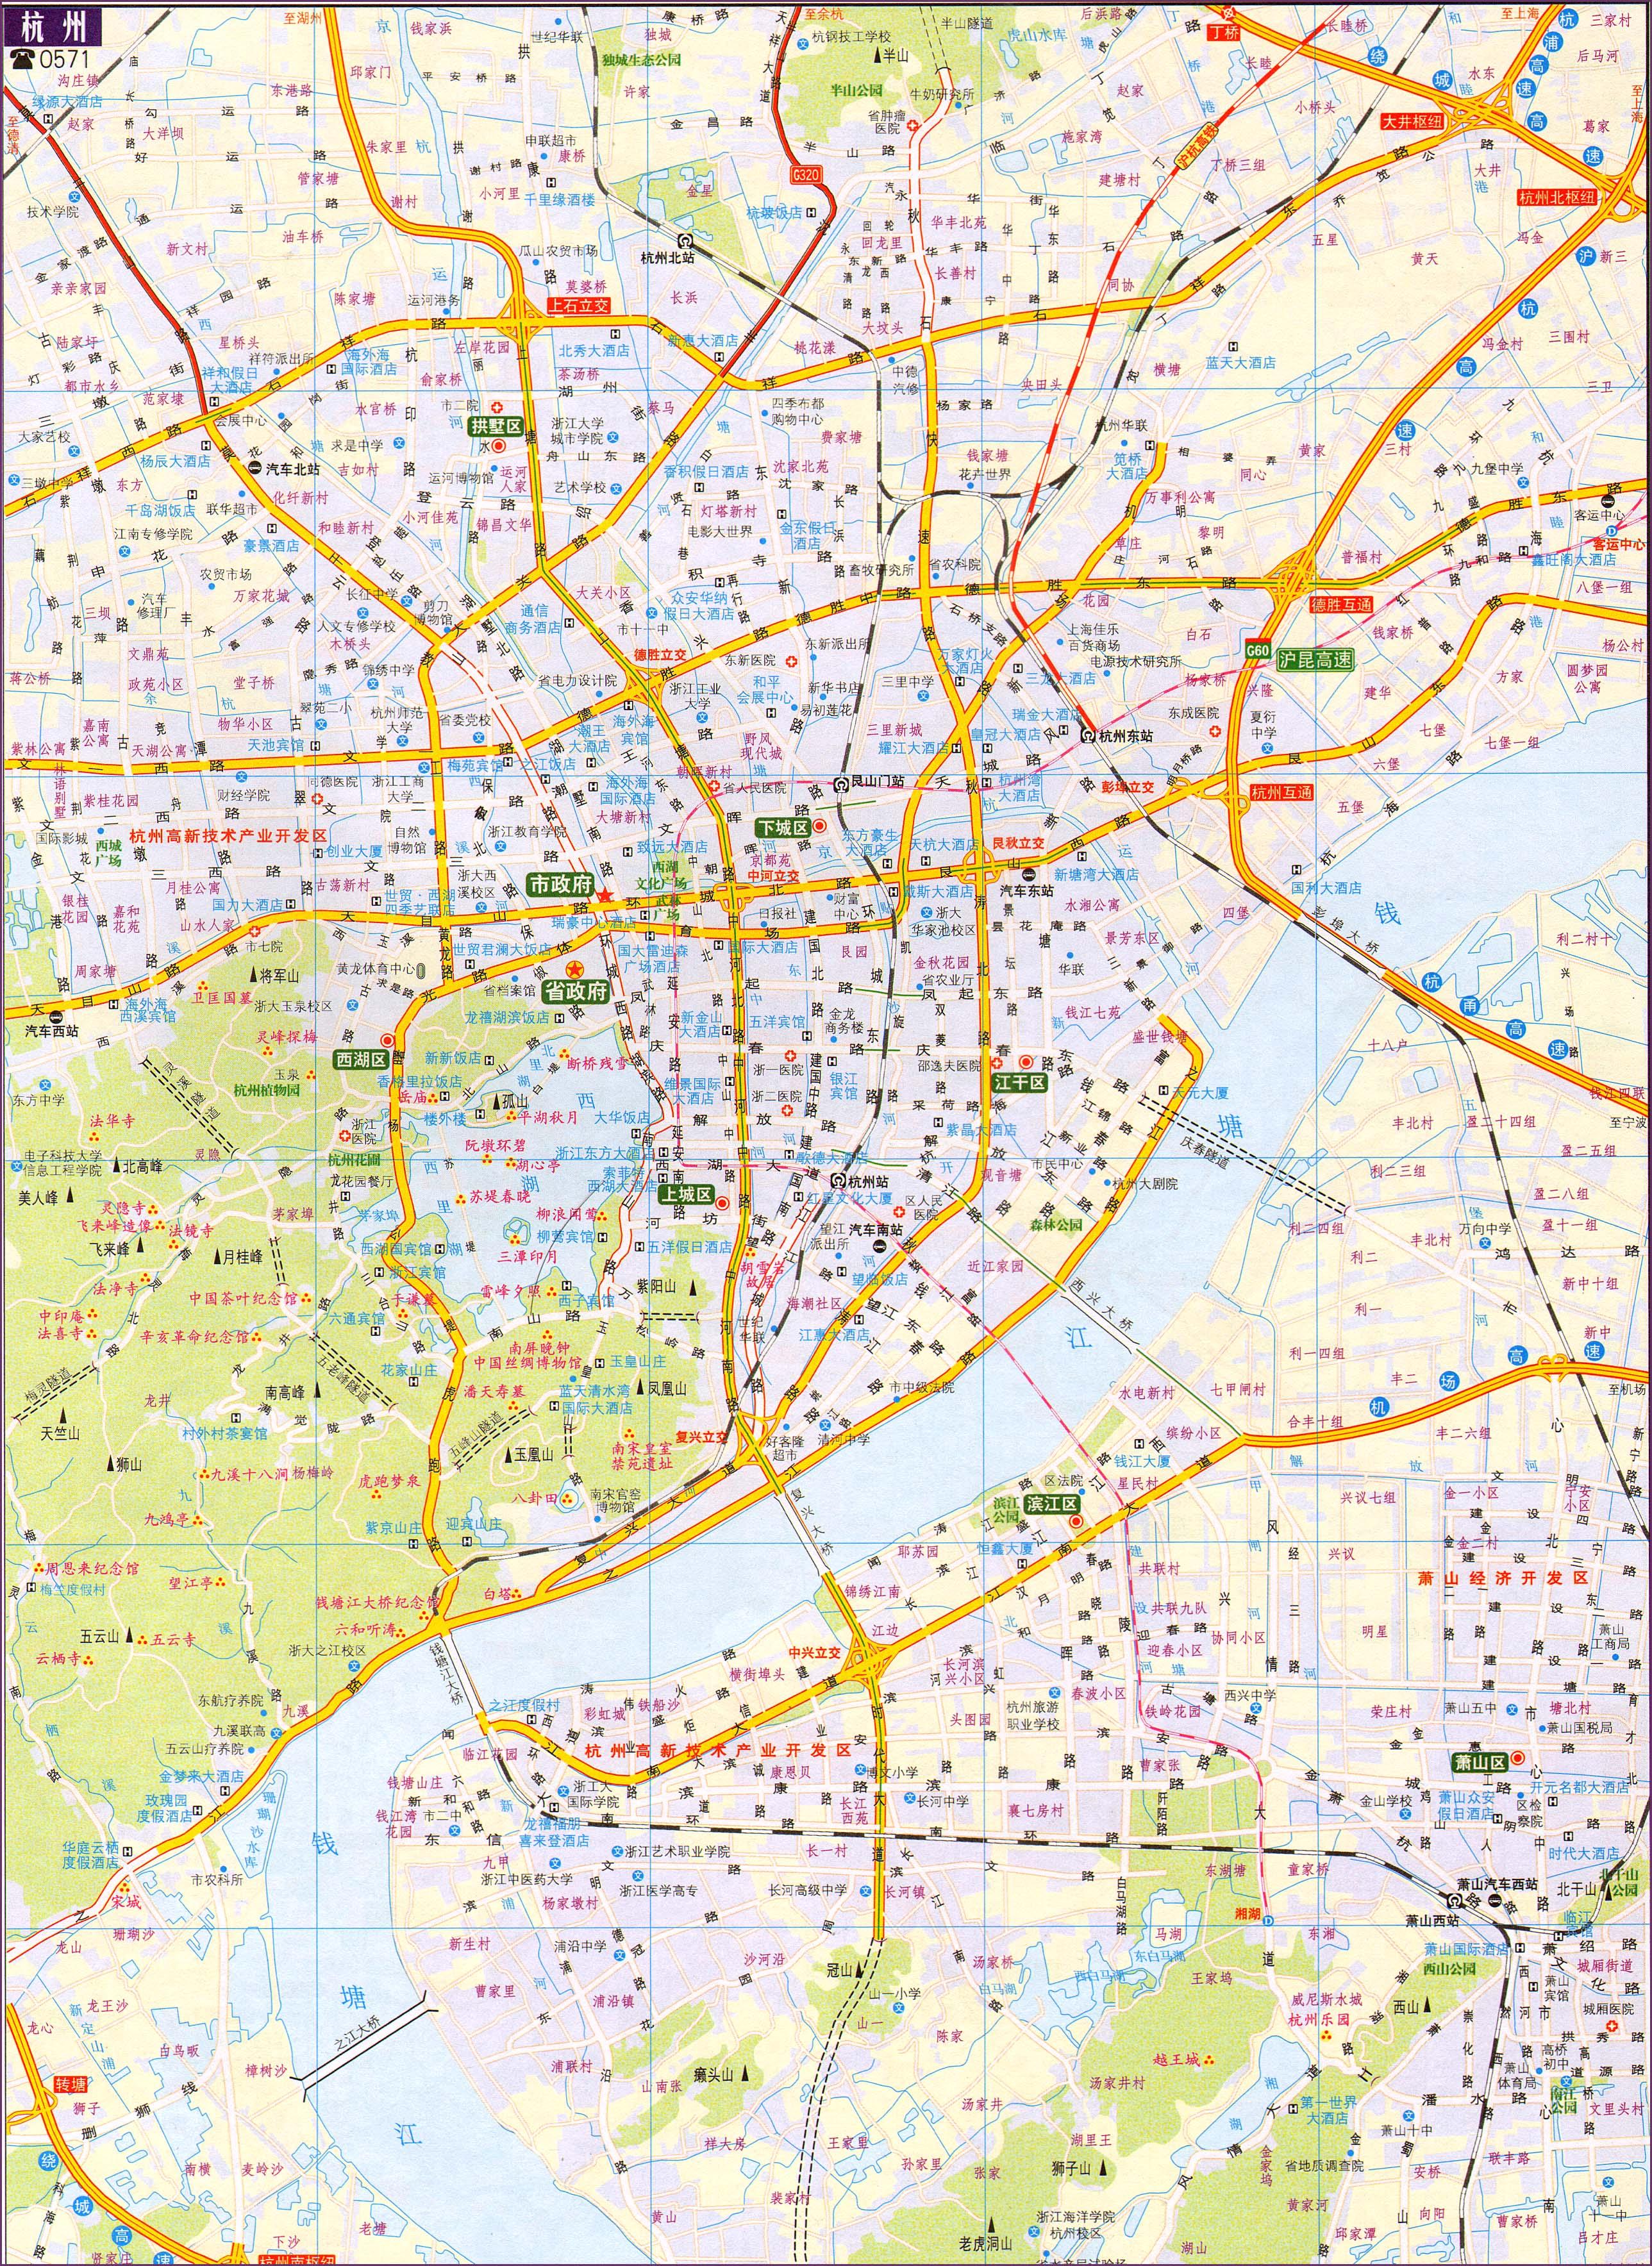 葫芦岛市连山区塔山乡地图